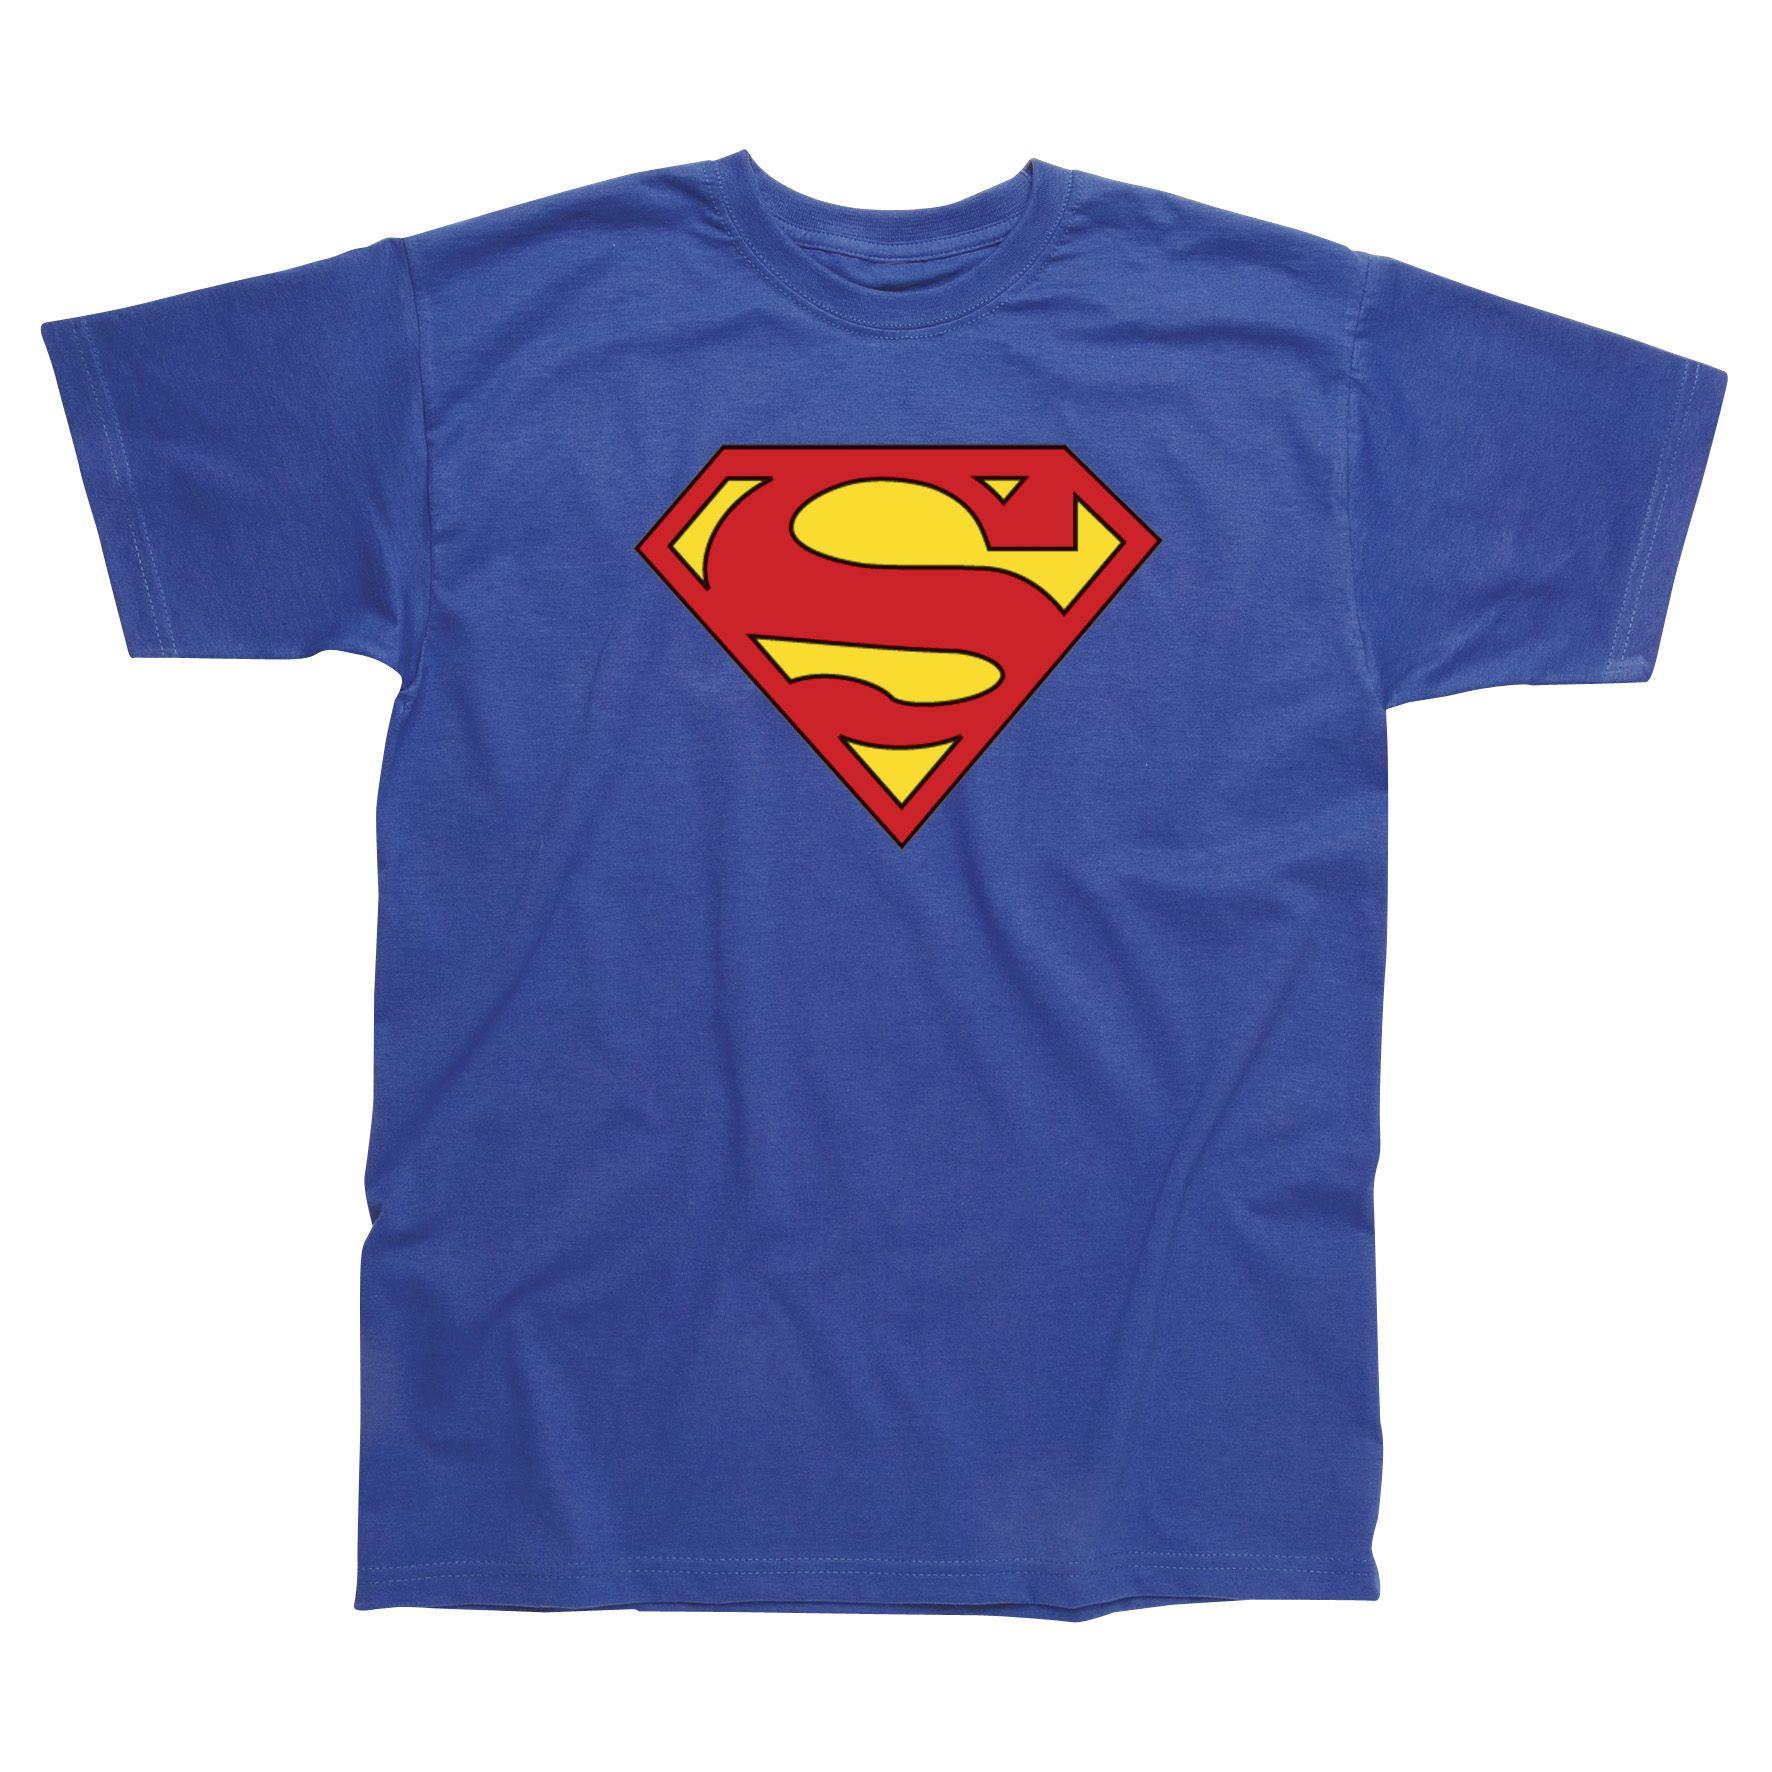 superman logo t shirt. Black Bedroom Furniture Sets. Home Design Ideas